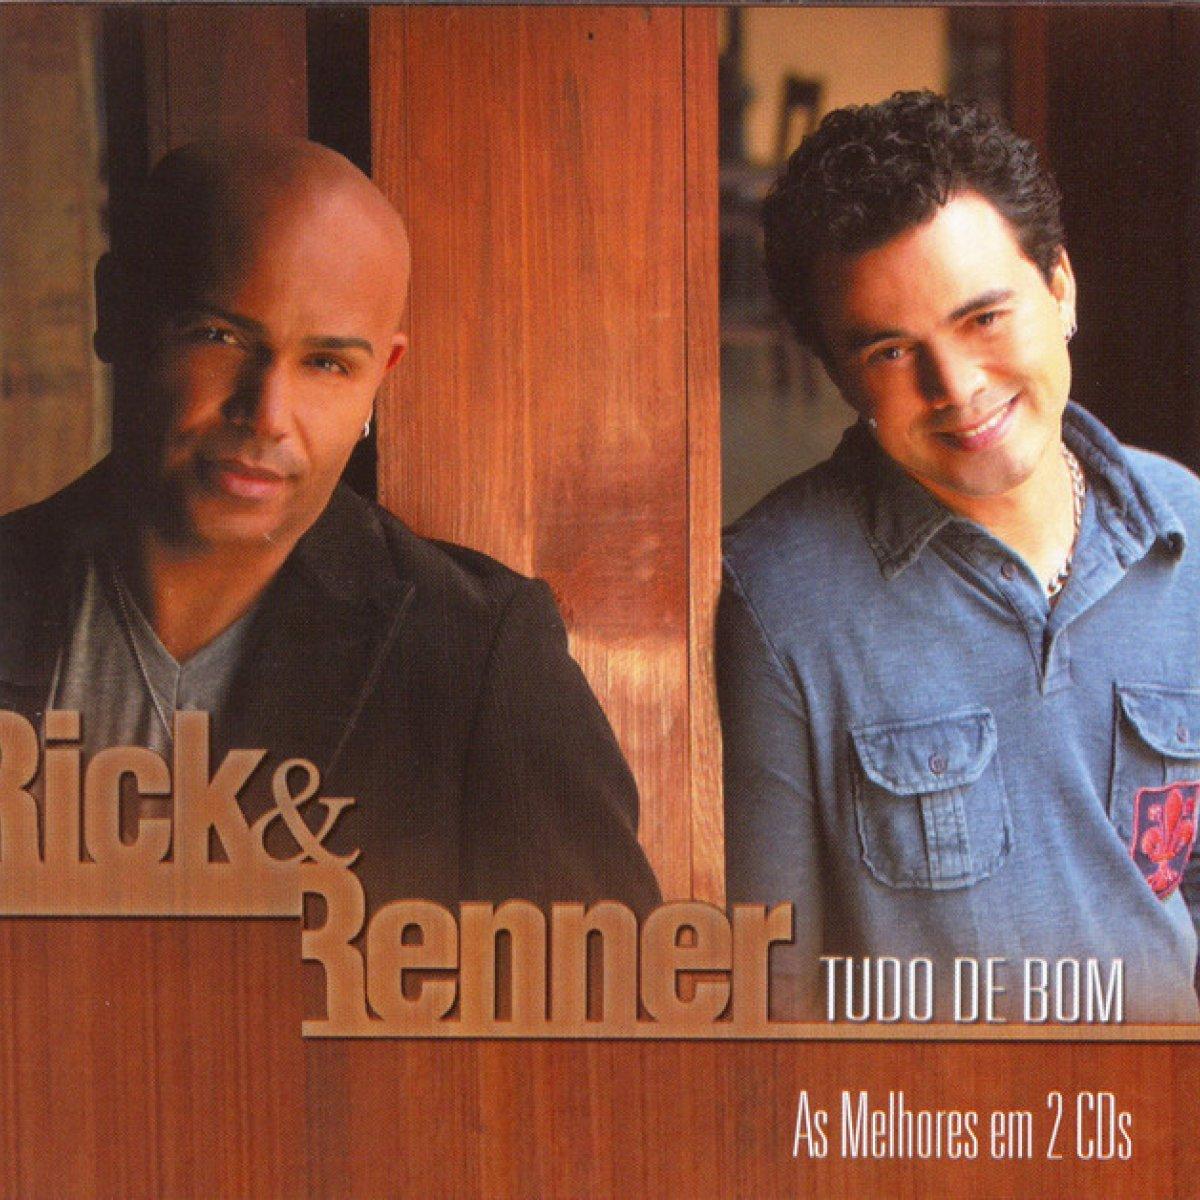 Tudo de bom - Rick e Renner